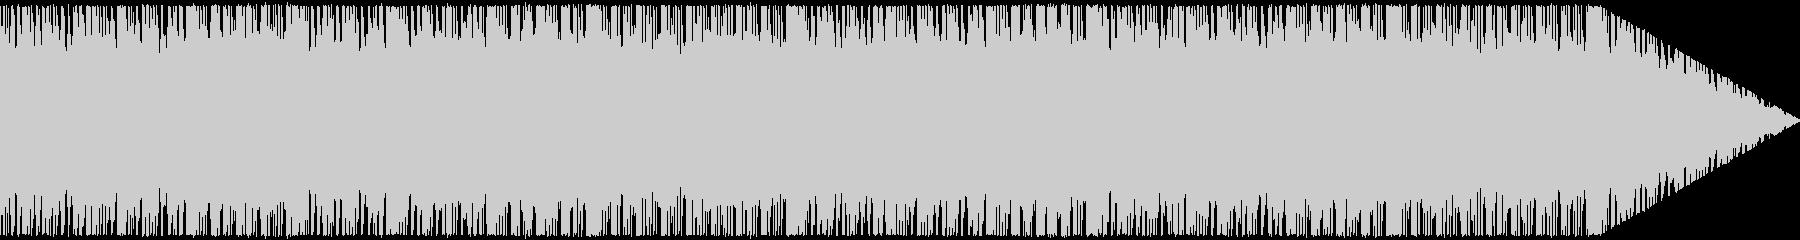 【ゴシックメタル】オルガンメタル戦闘向けの未再生の波形